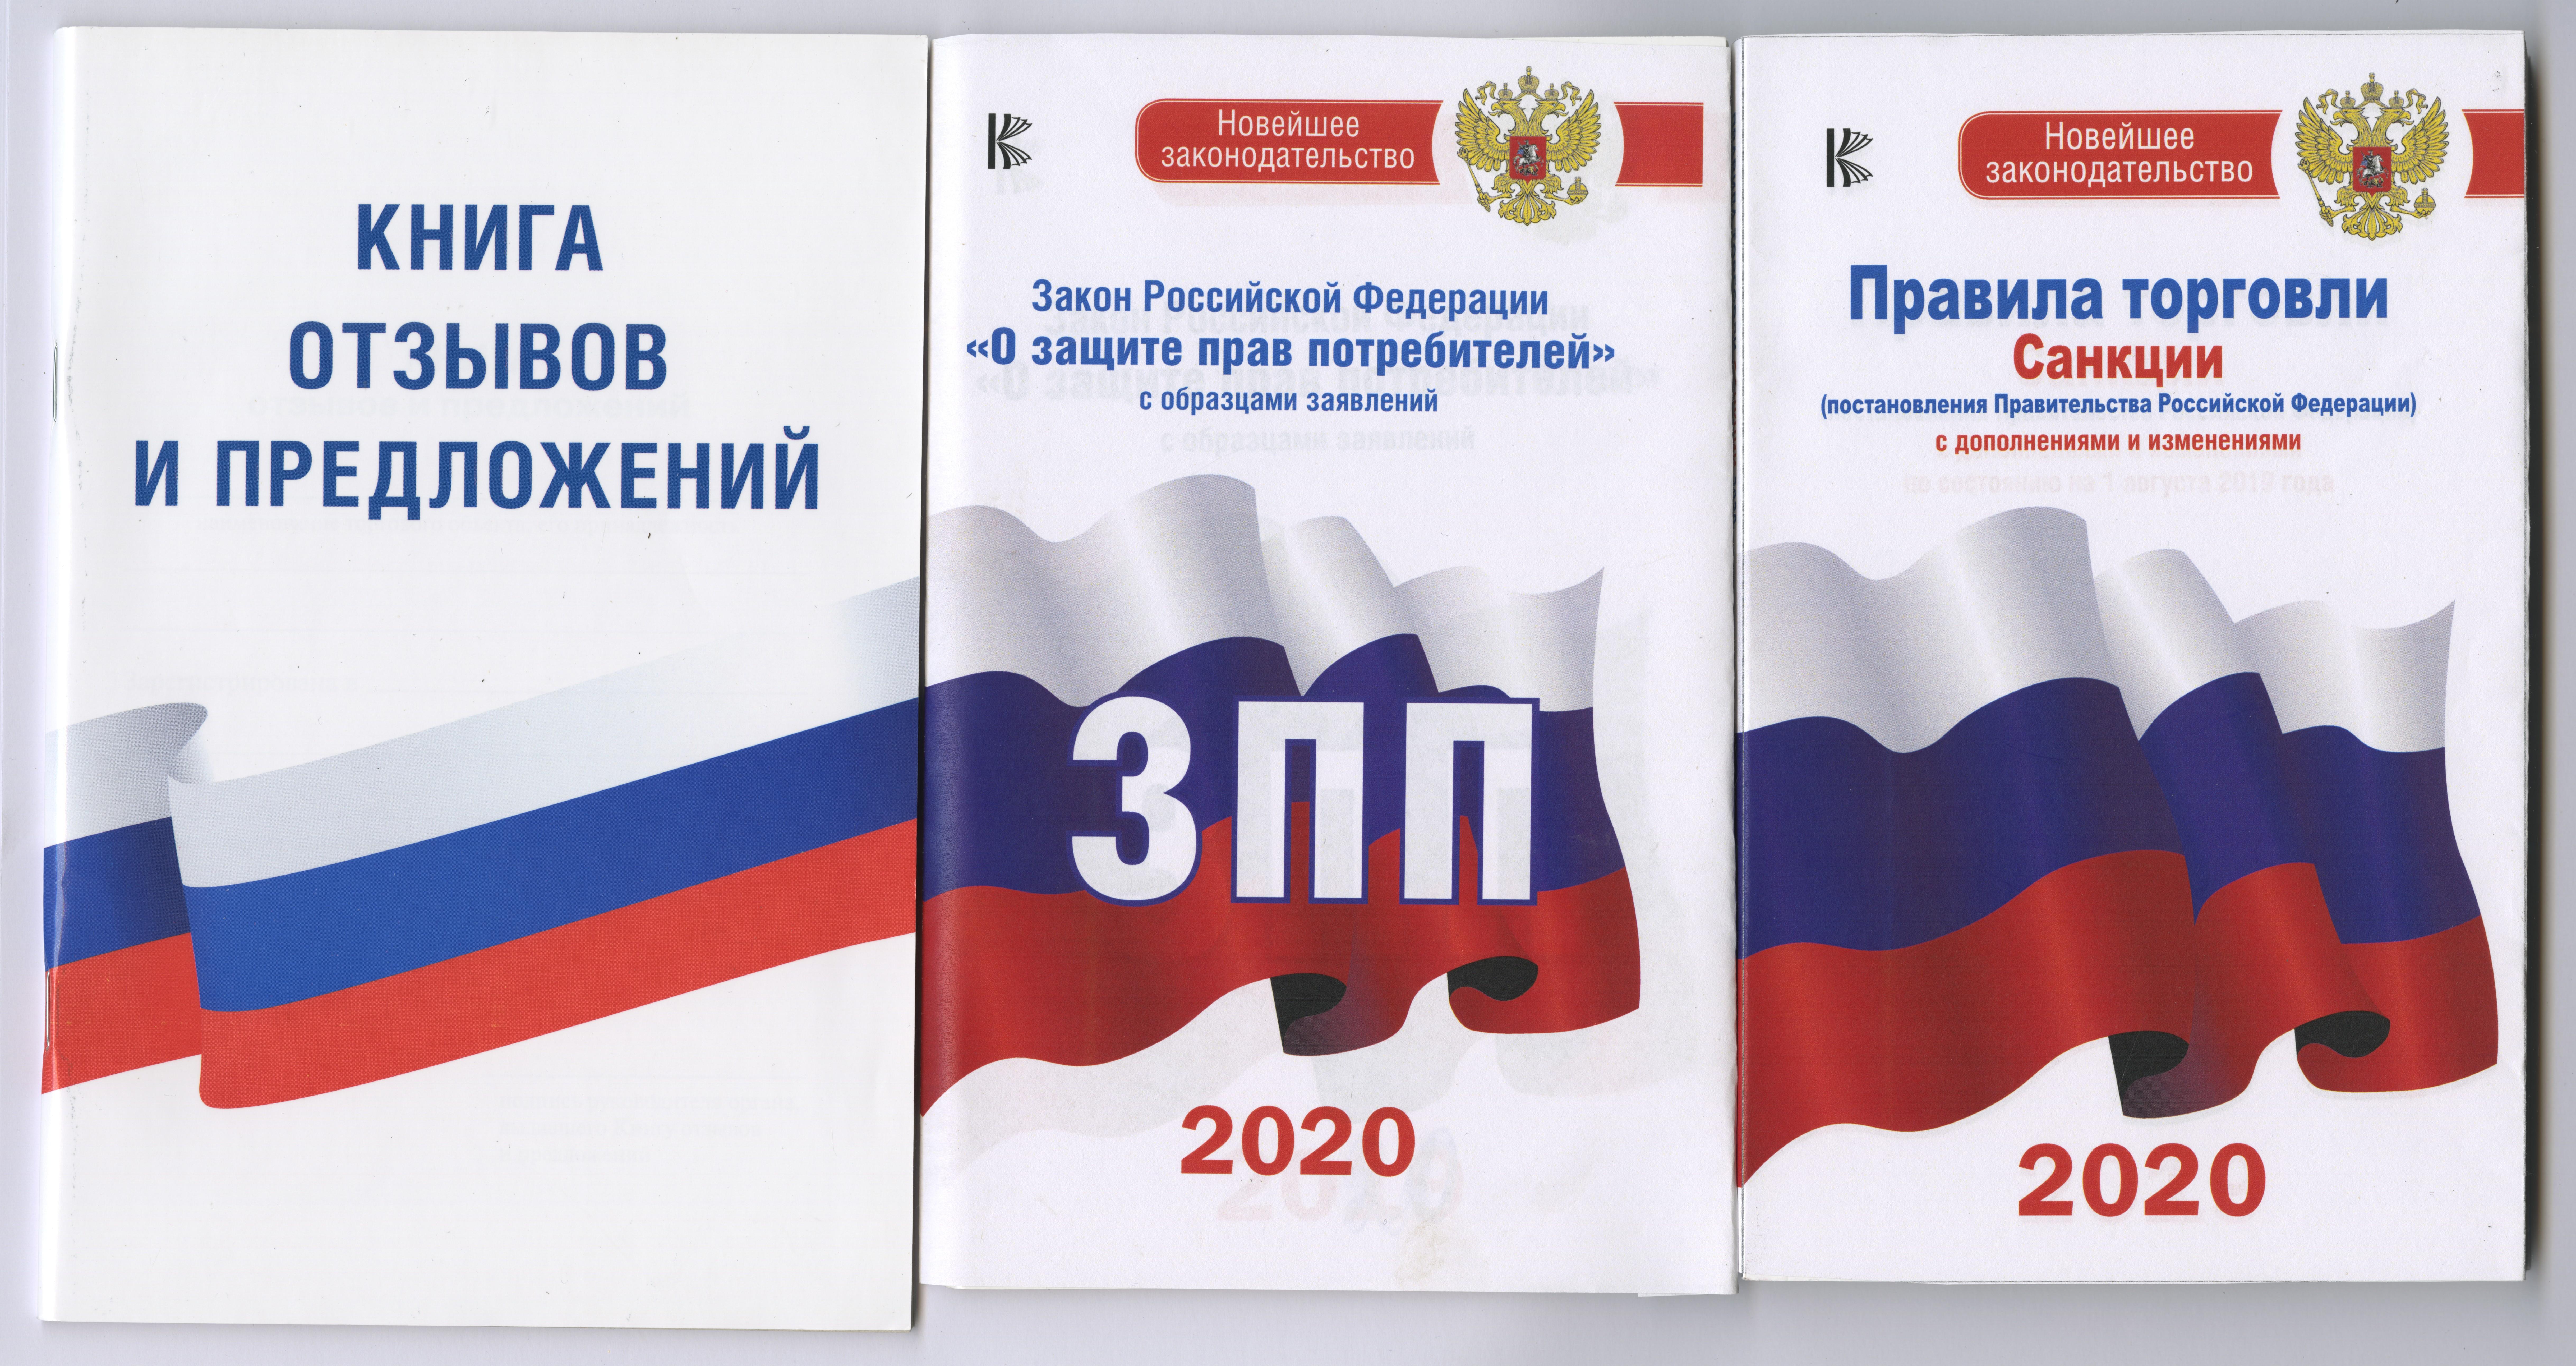 Комплект из 3-х книг: Книга отзывов и предложений, Закон РФ  О защите прав потребителей на 2021 год, Правила торговли с изменениями и дополнениями на 2021 год